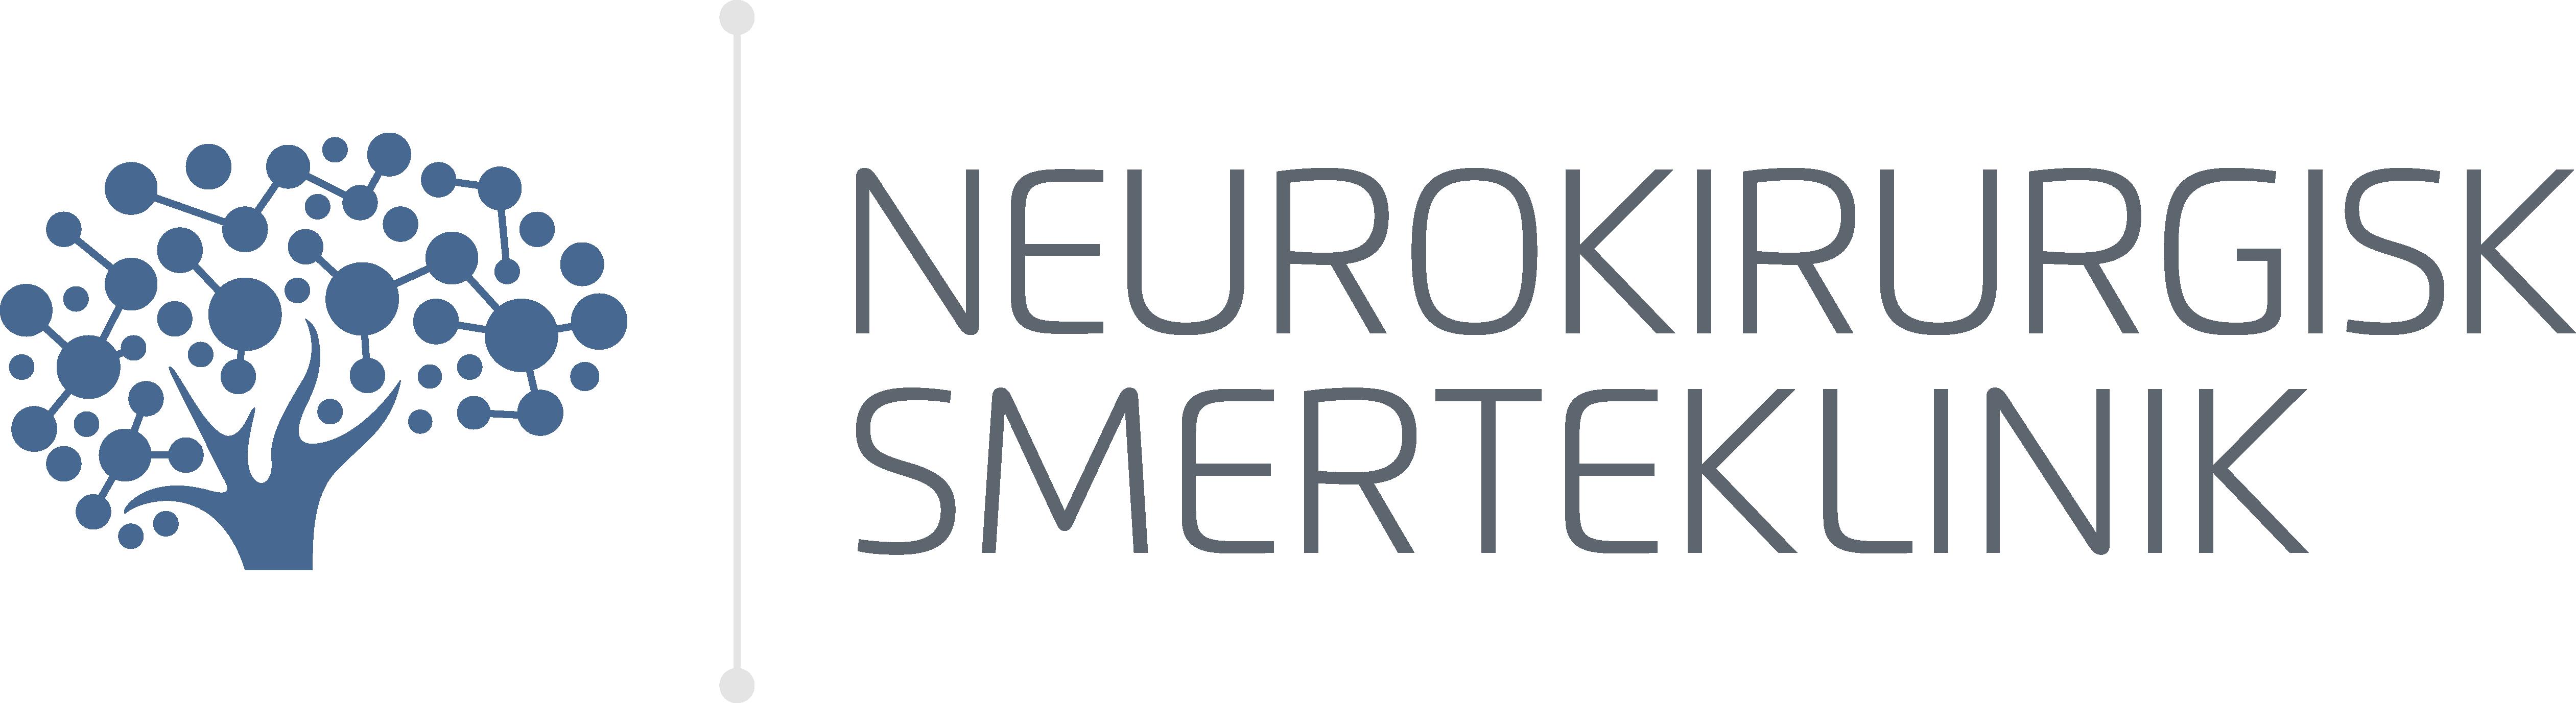 Neurokirurgisk Smerteklinik